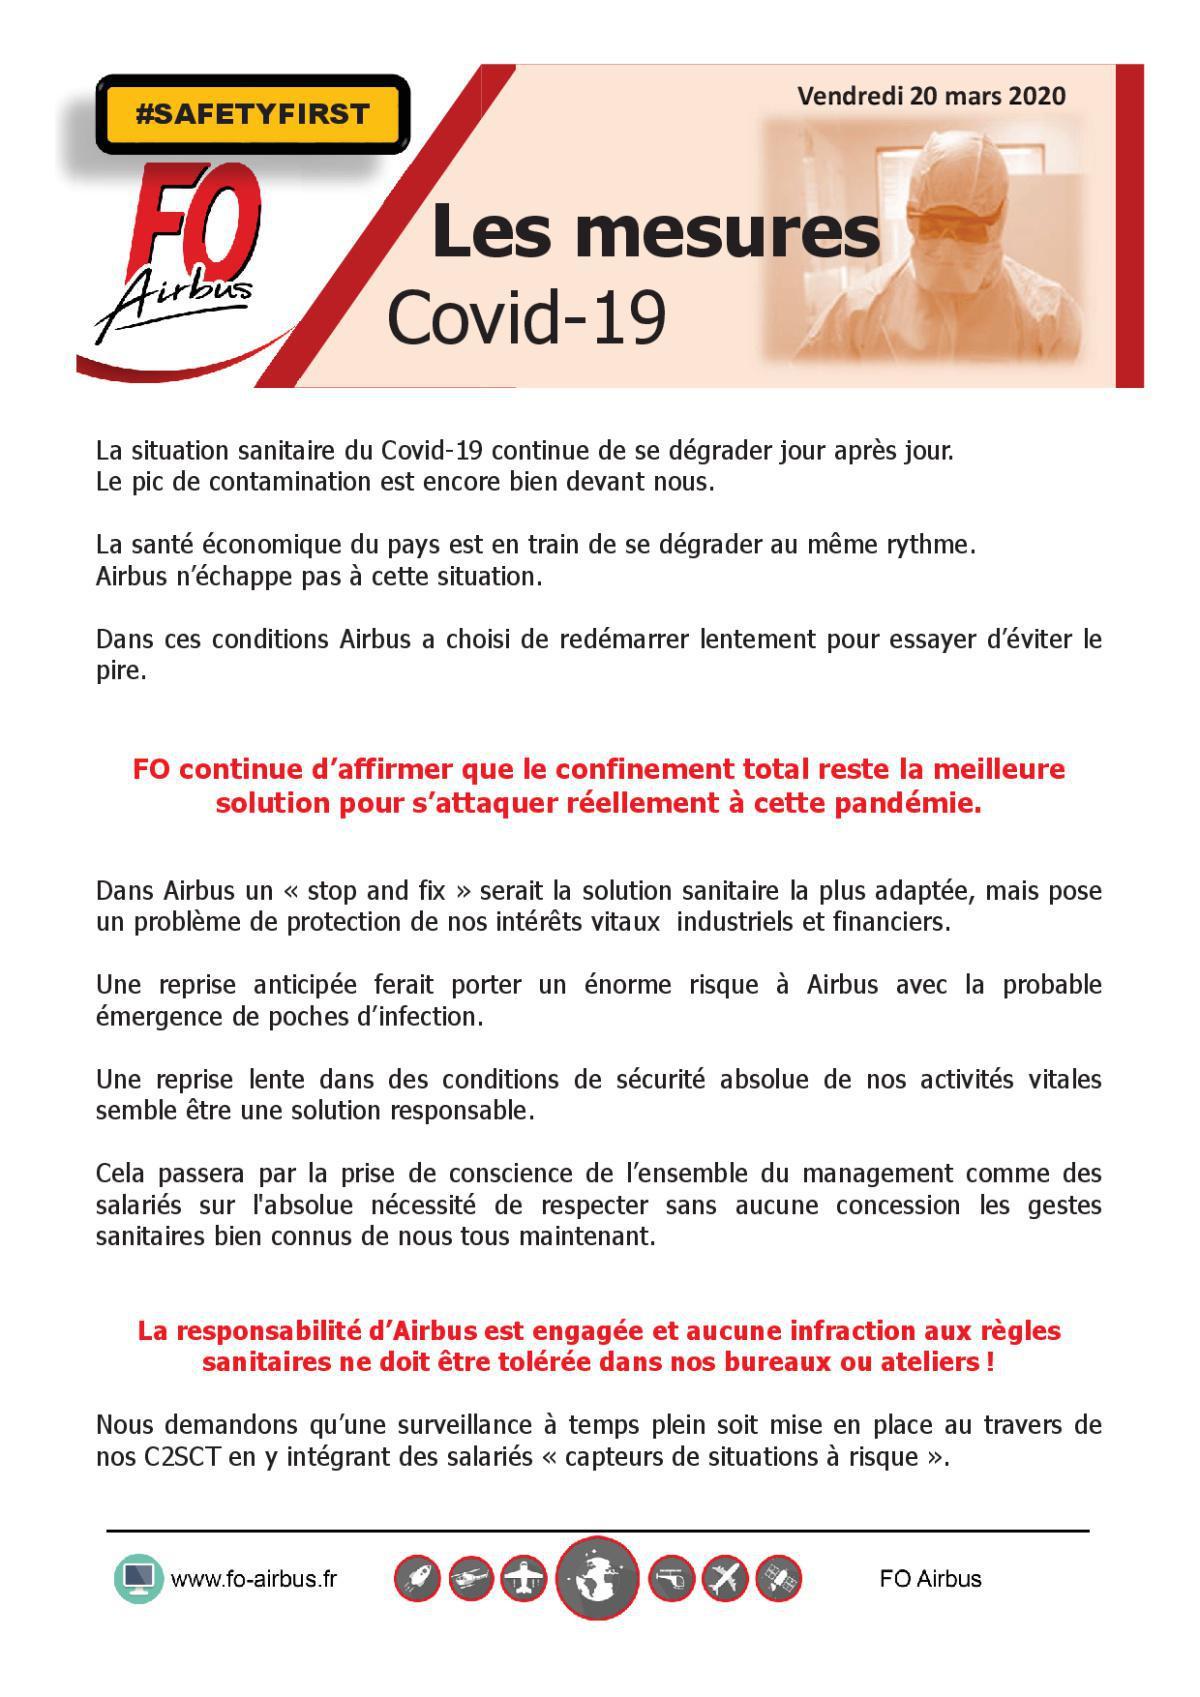 COVID-19 - Les mesures